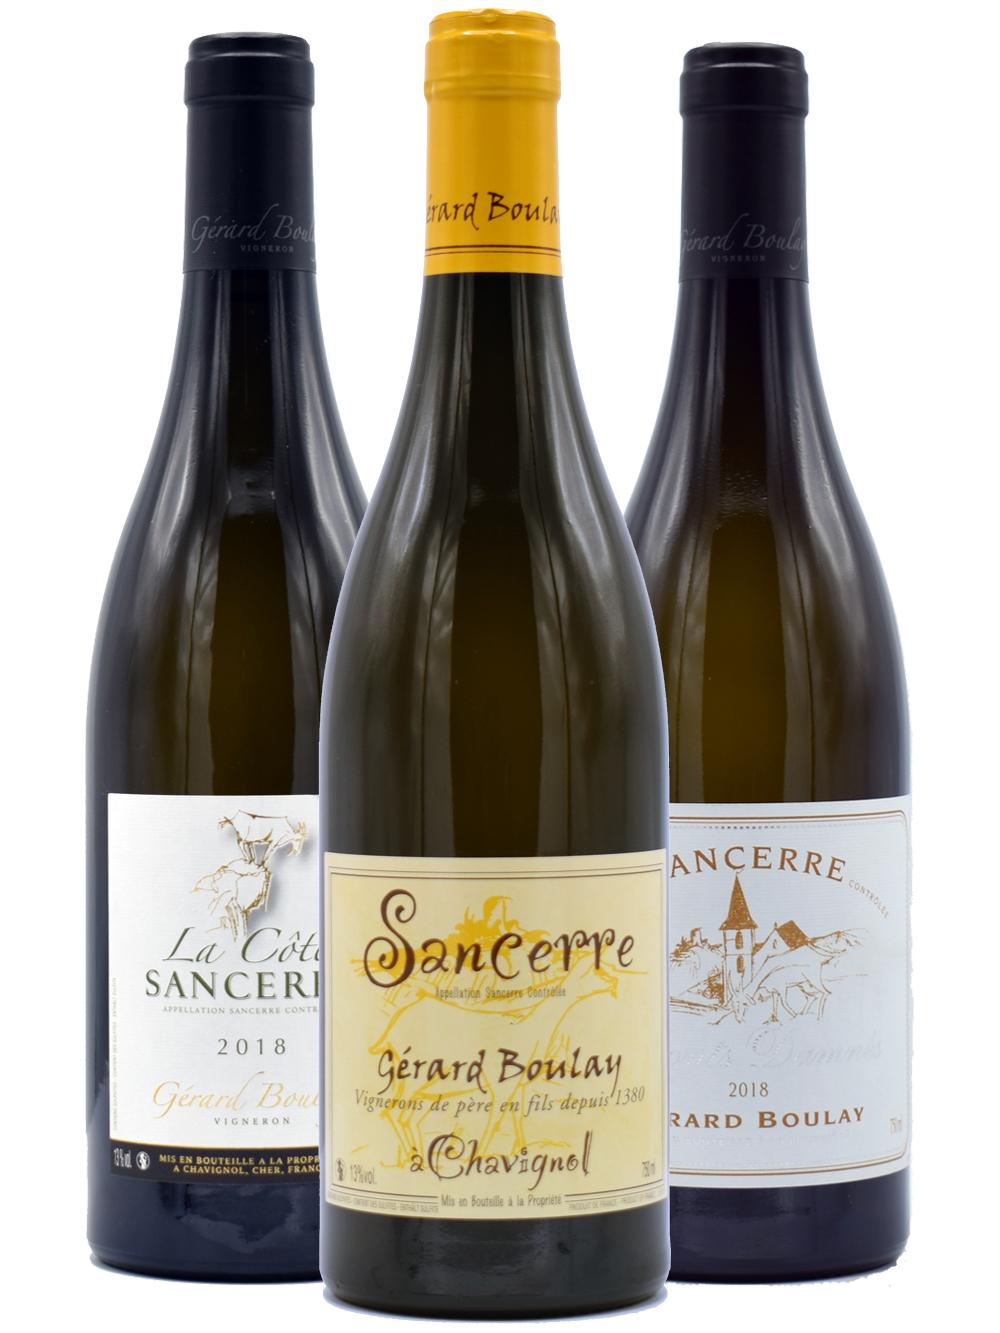 Ontdek de wijnen van Gérard Boulay